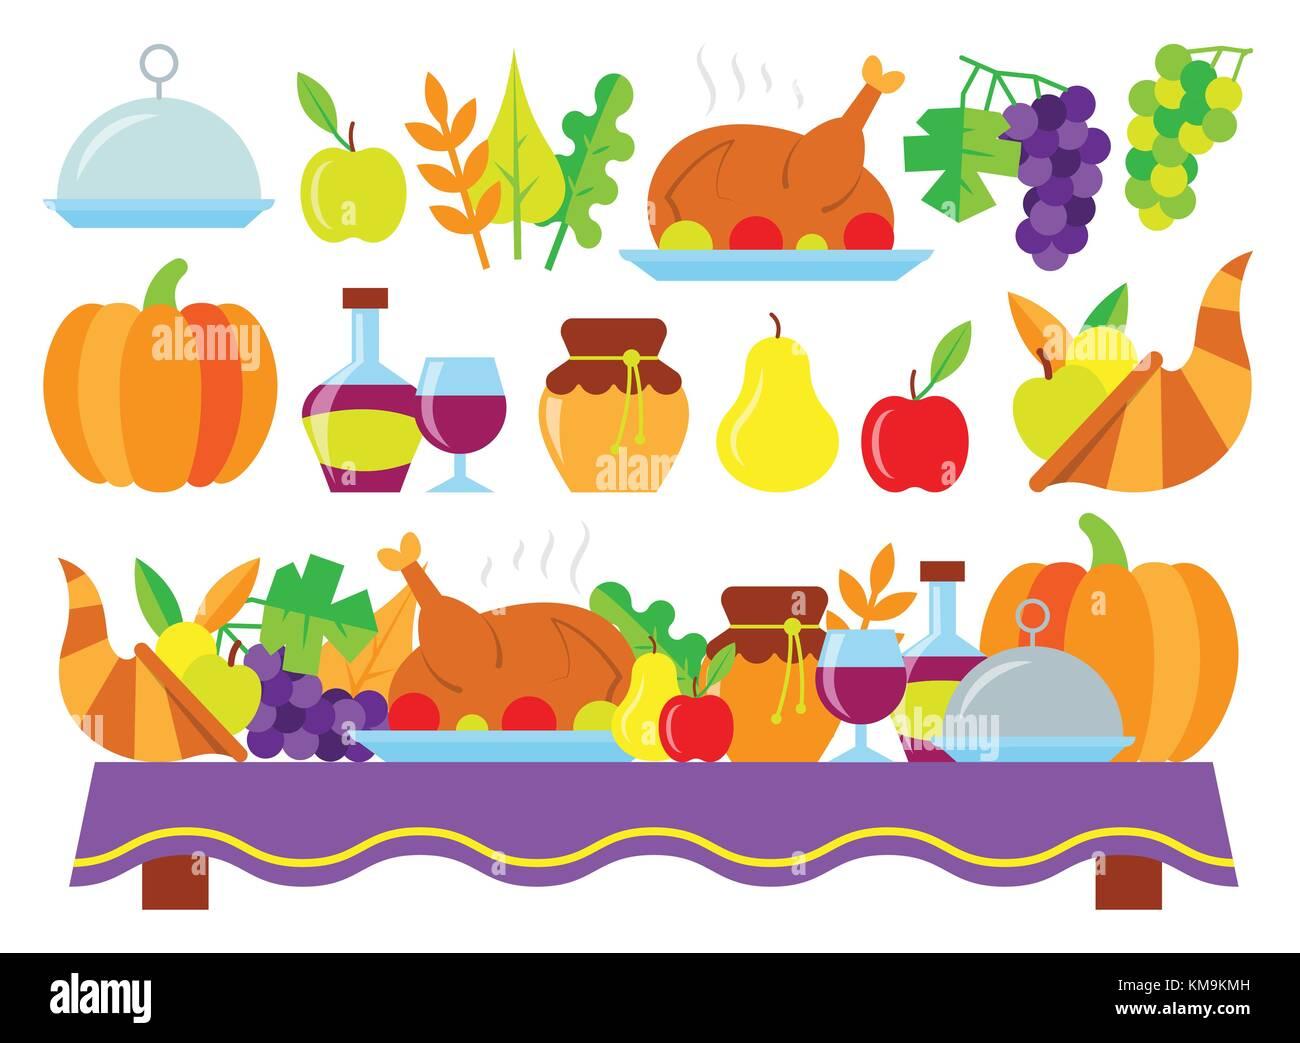 Karte Essen.Farbige Thanksgiving Day Karte Essen Für Thanksgiving Abendessen